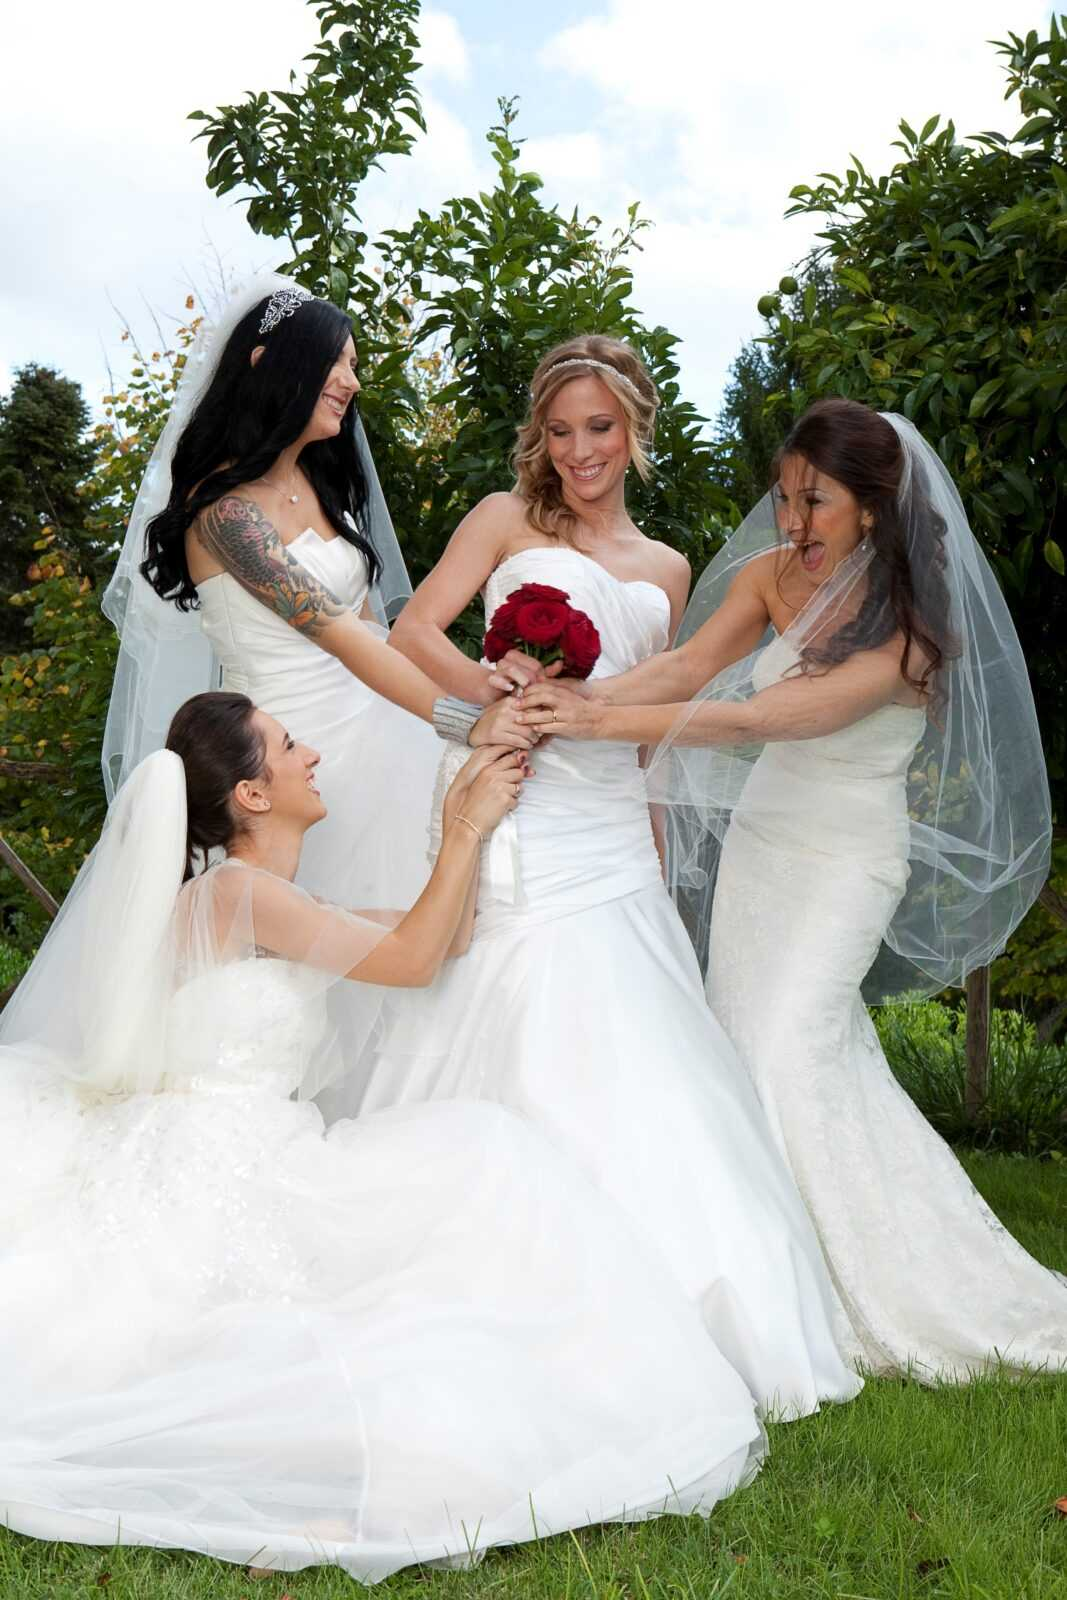 Quattro Matrimoni in Italia: dall'8 Gennaio su FoxLife | Digitale terrestre: Dtti.it